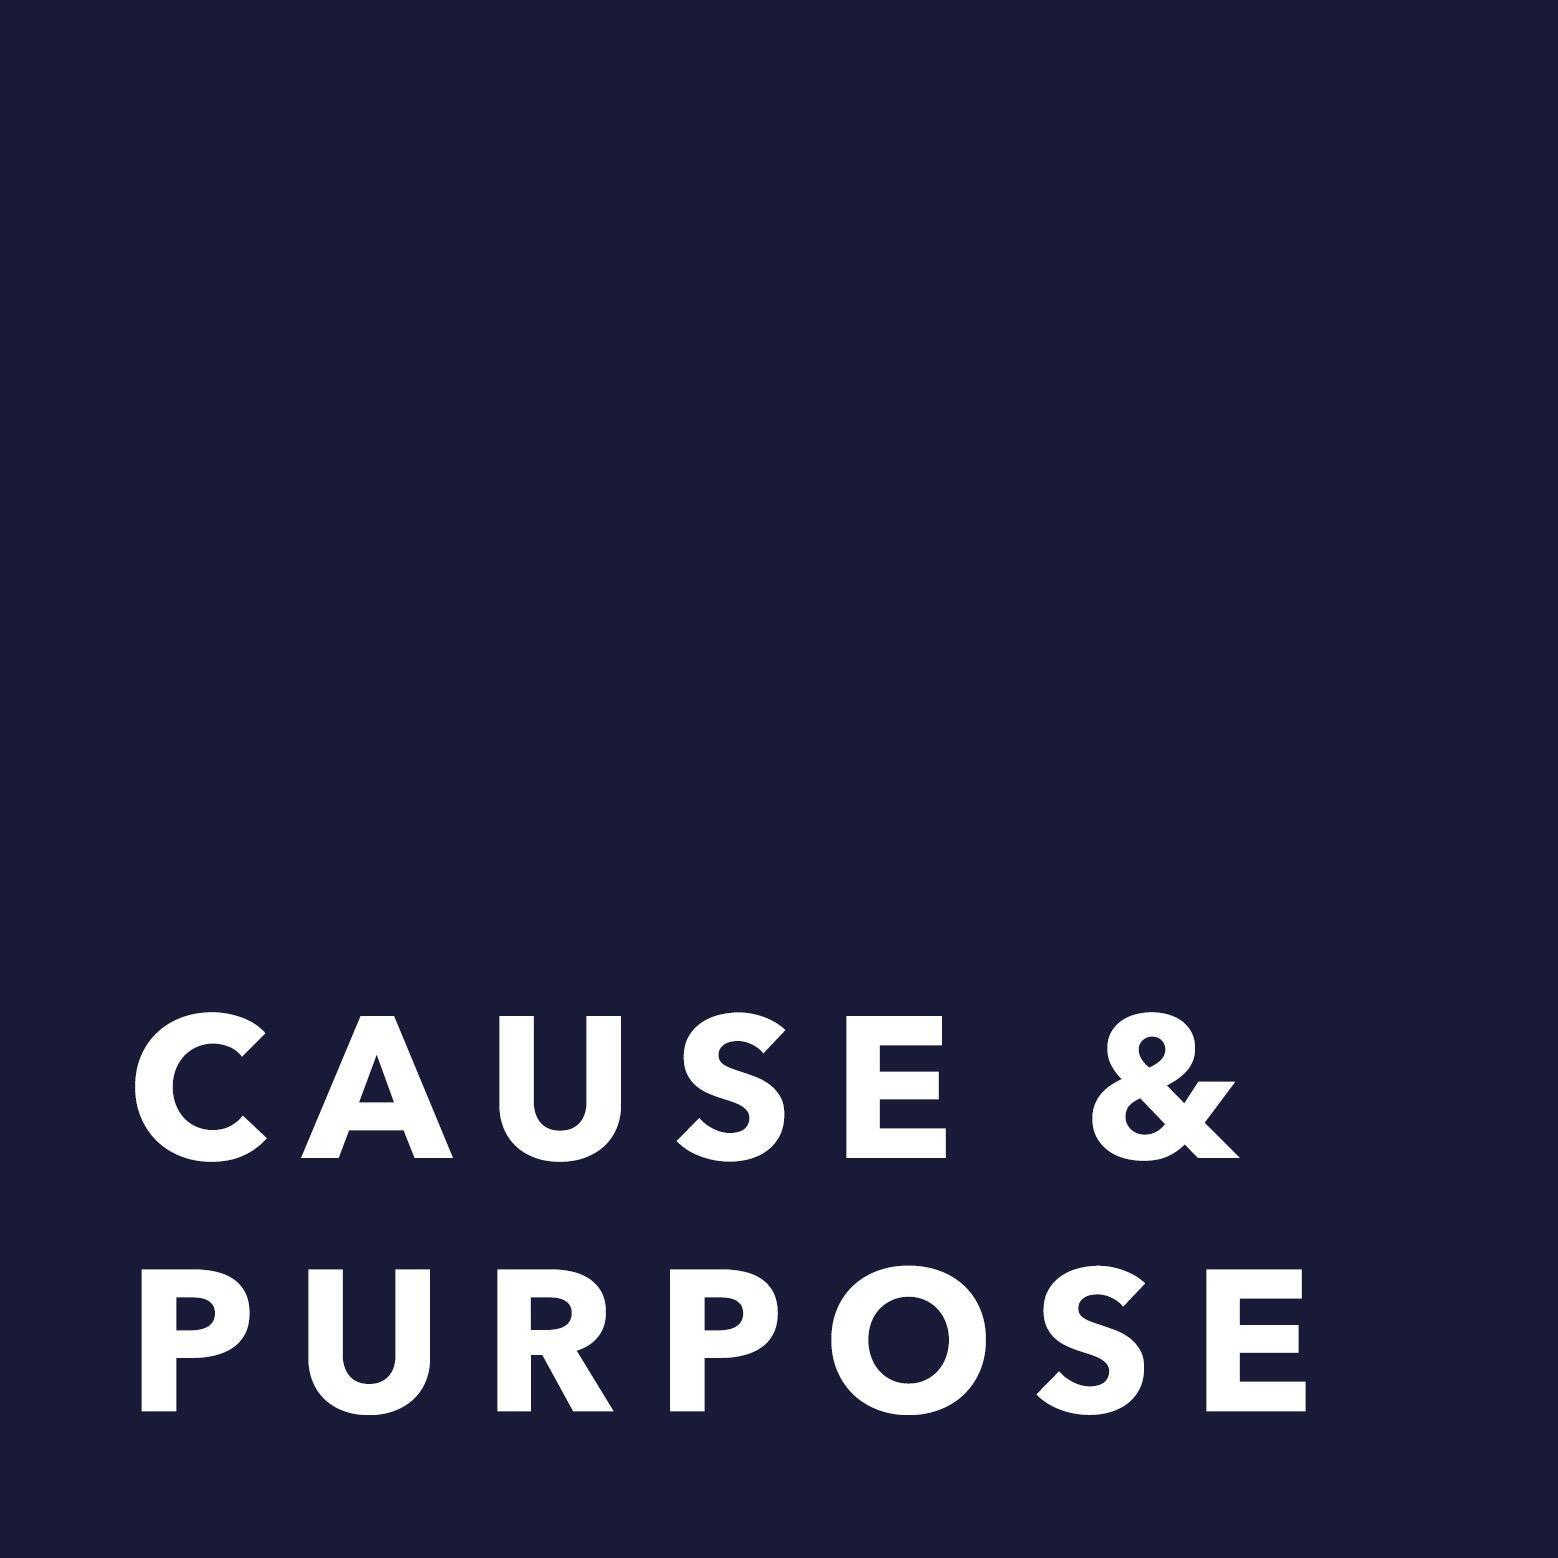 Cause & Purpose